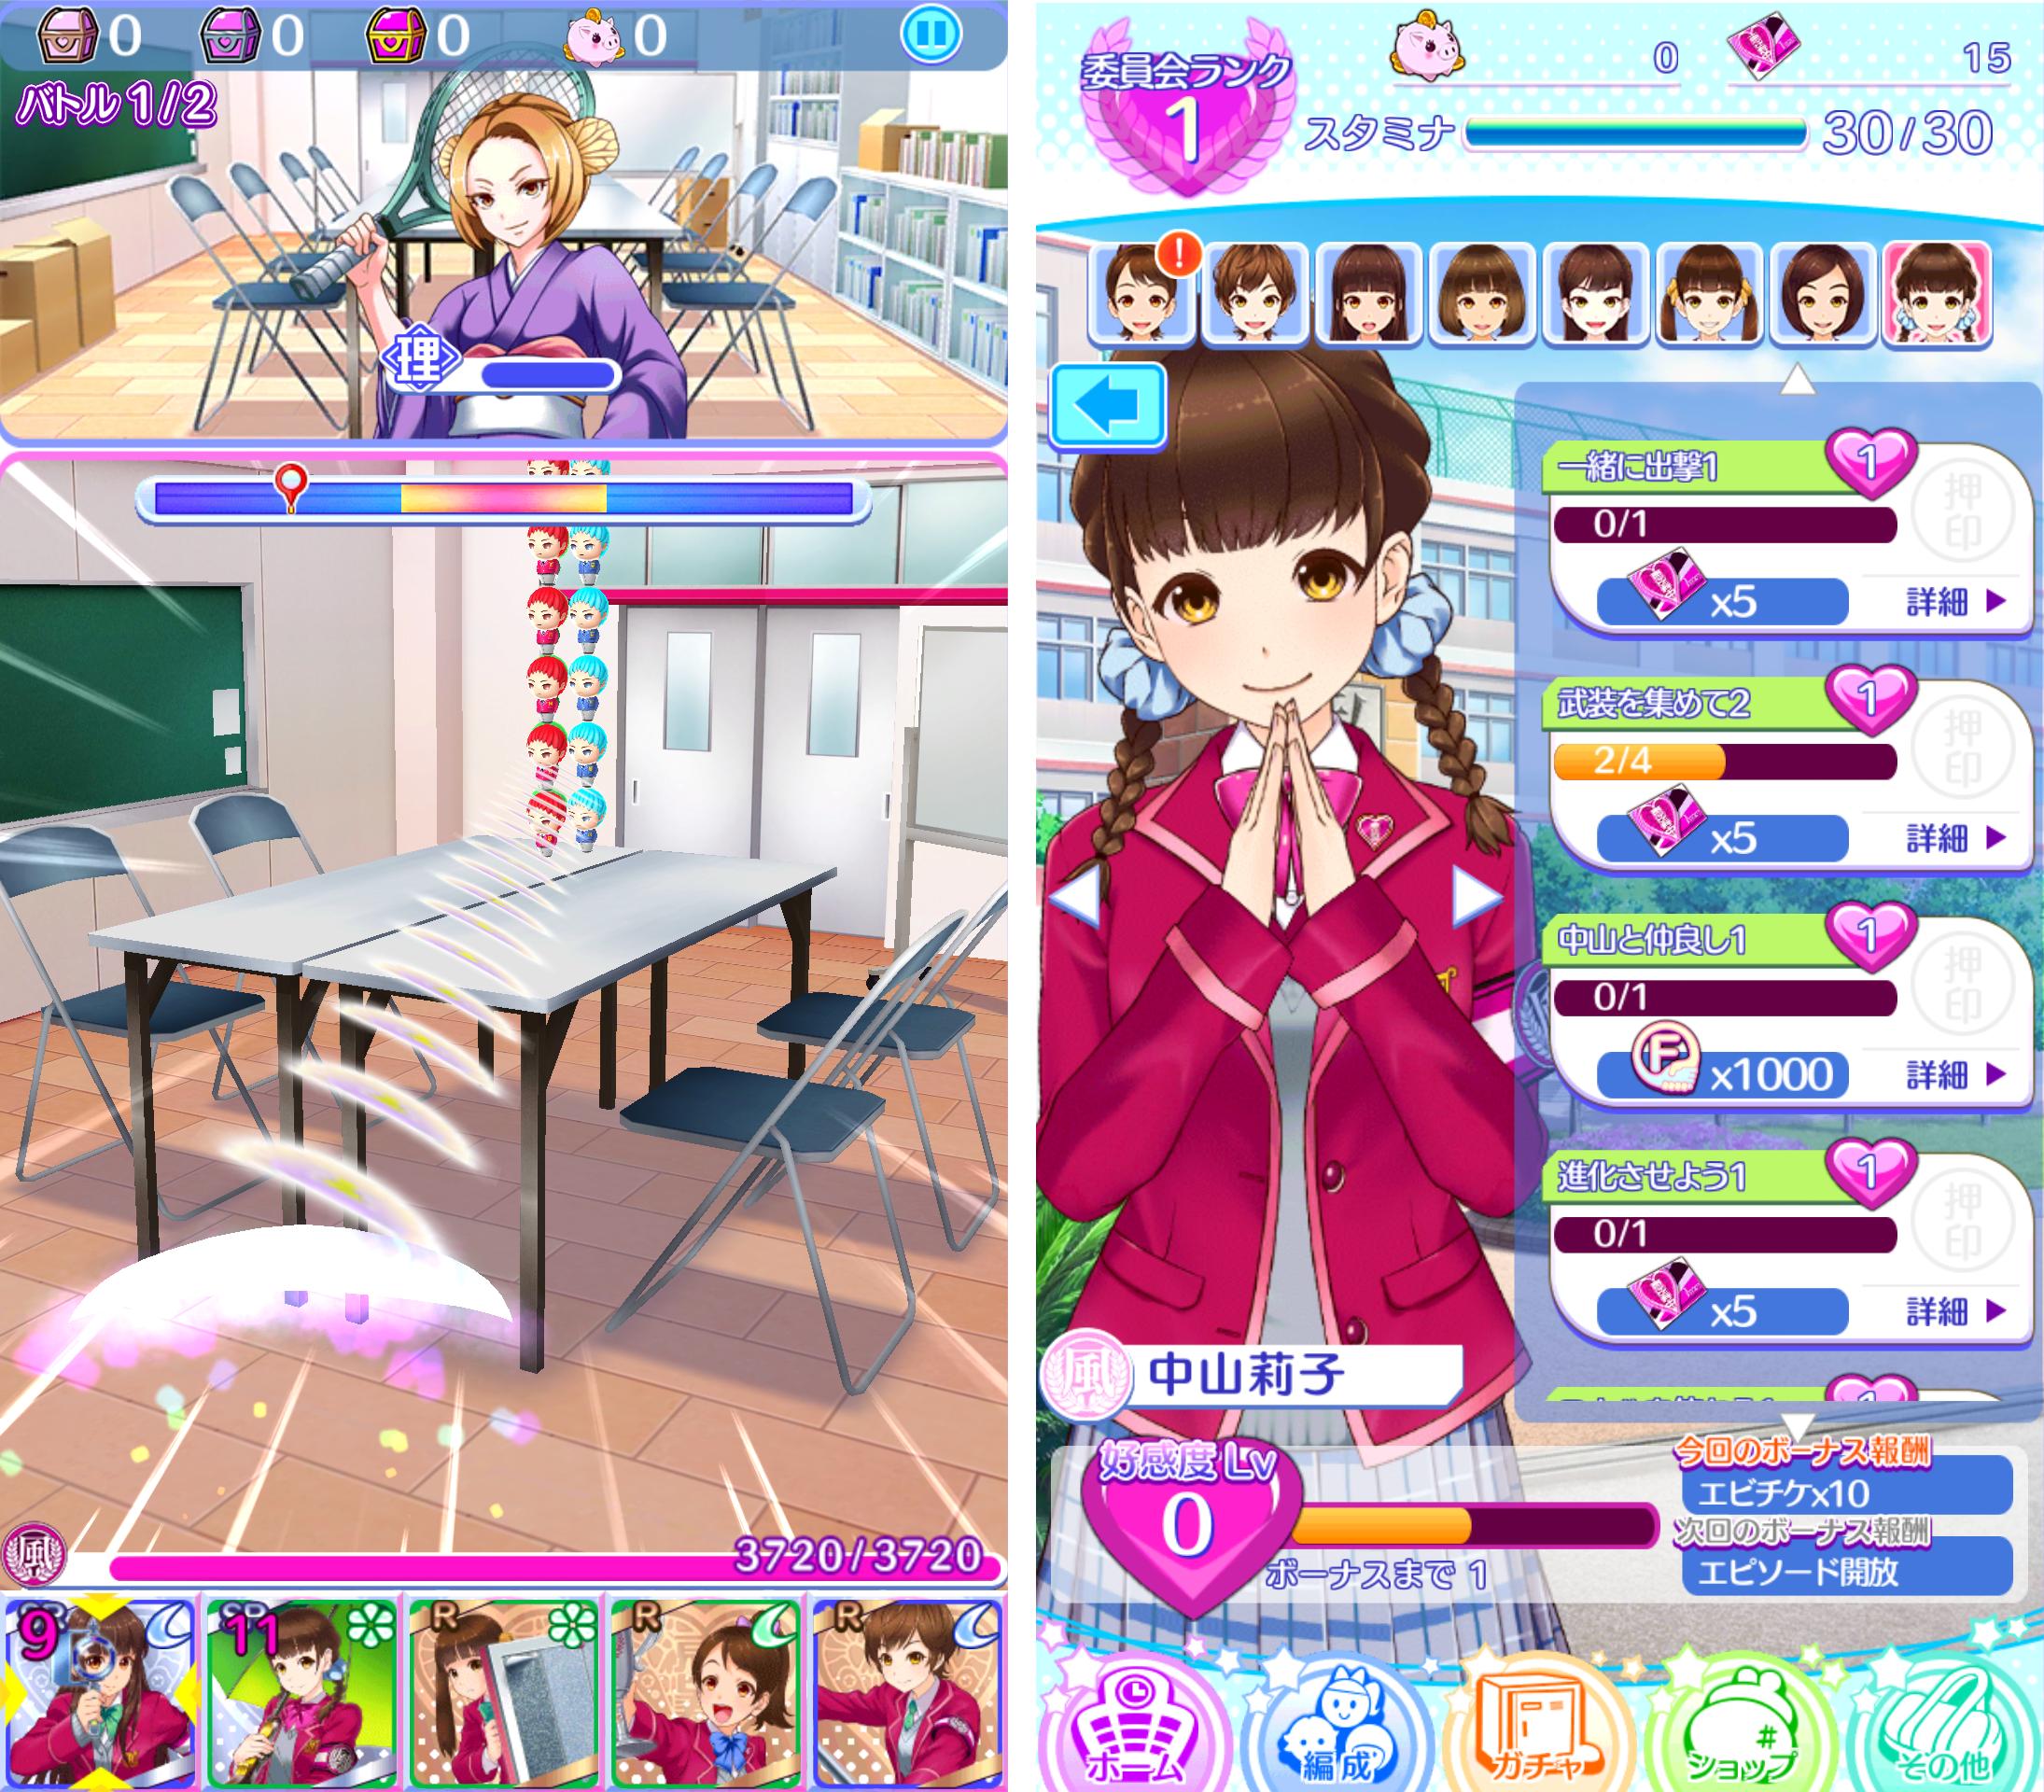 出撃!私立恵比寿中学武装風紀委員会(エビ中) androidアプリスクリーンショット3